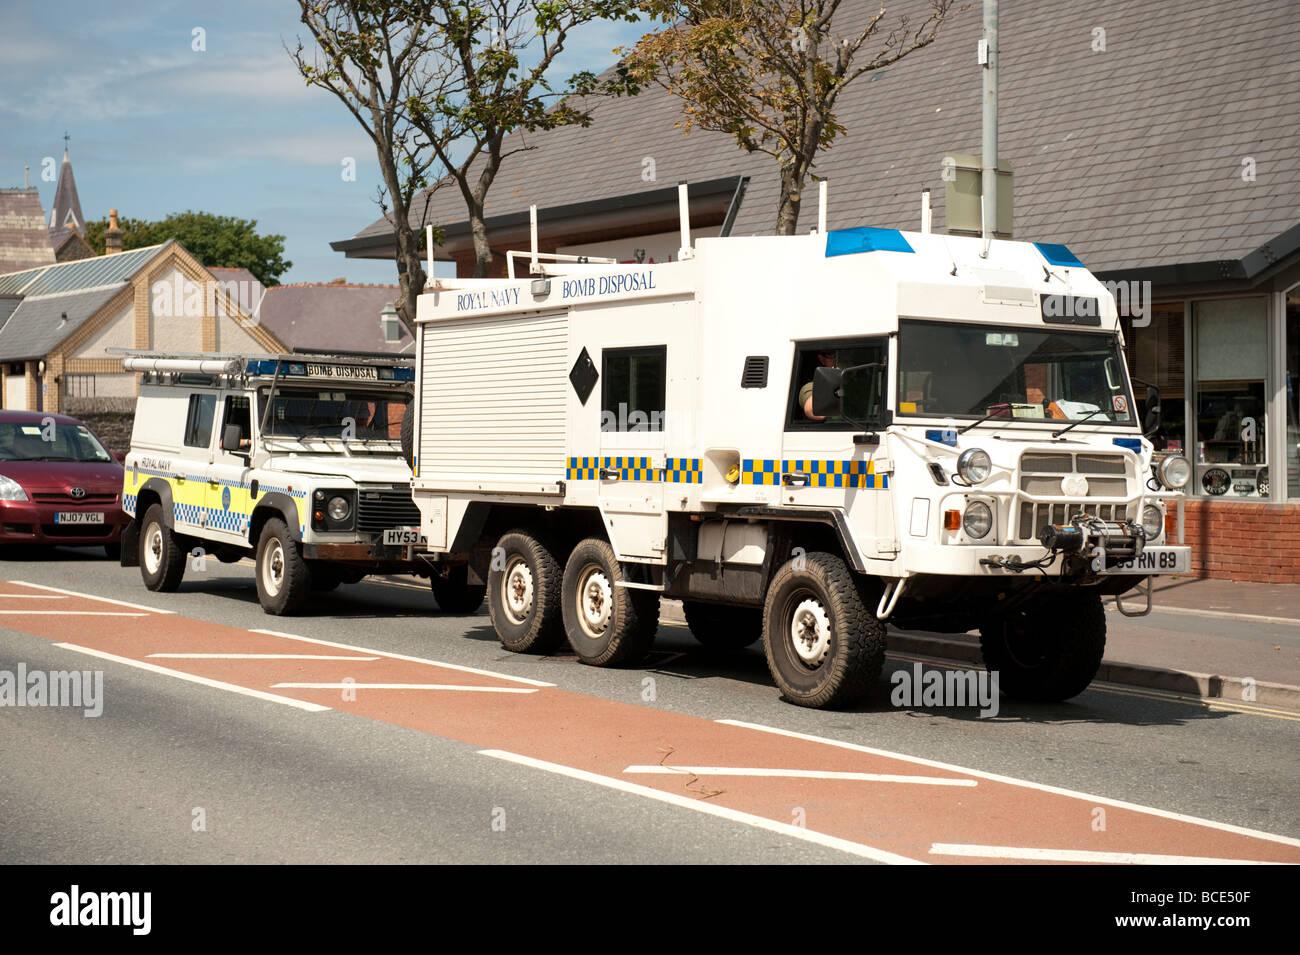 UK Royal Navy vehículos unidad de eliminación de bombas Imagen De Stock